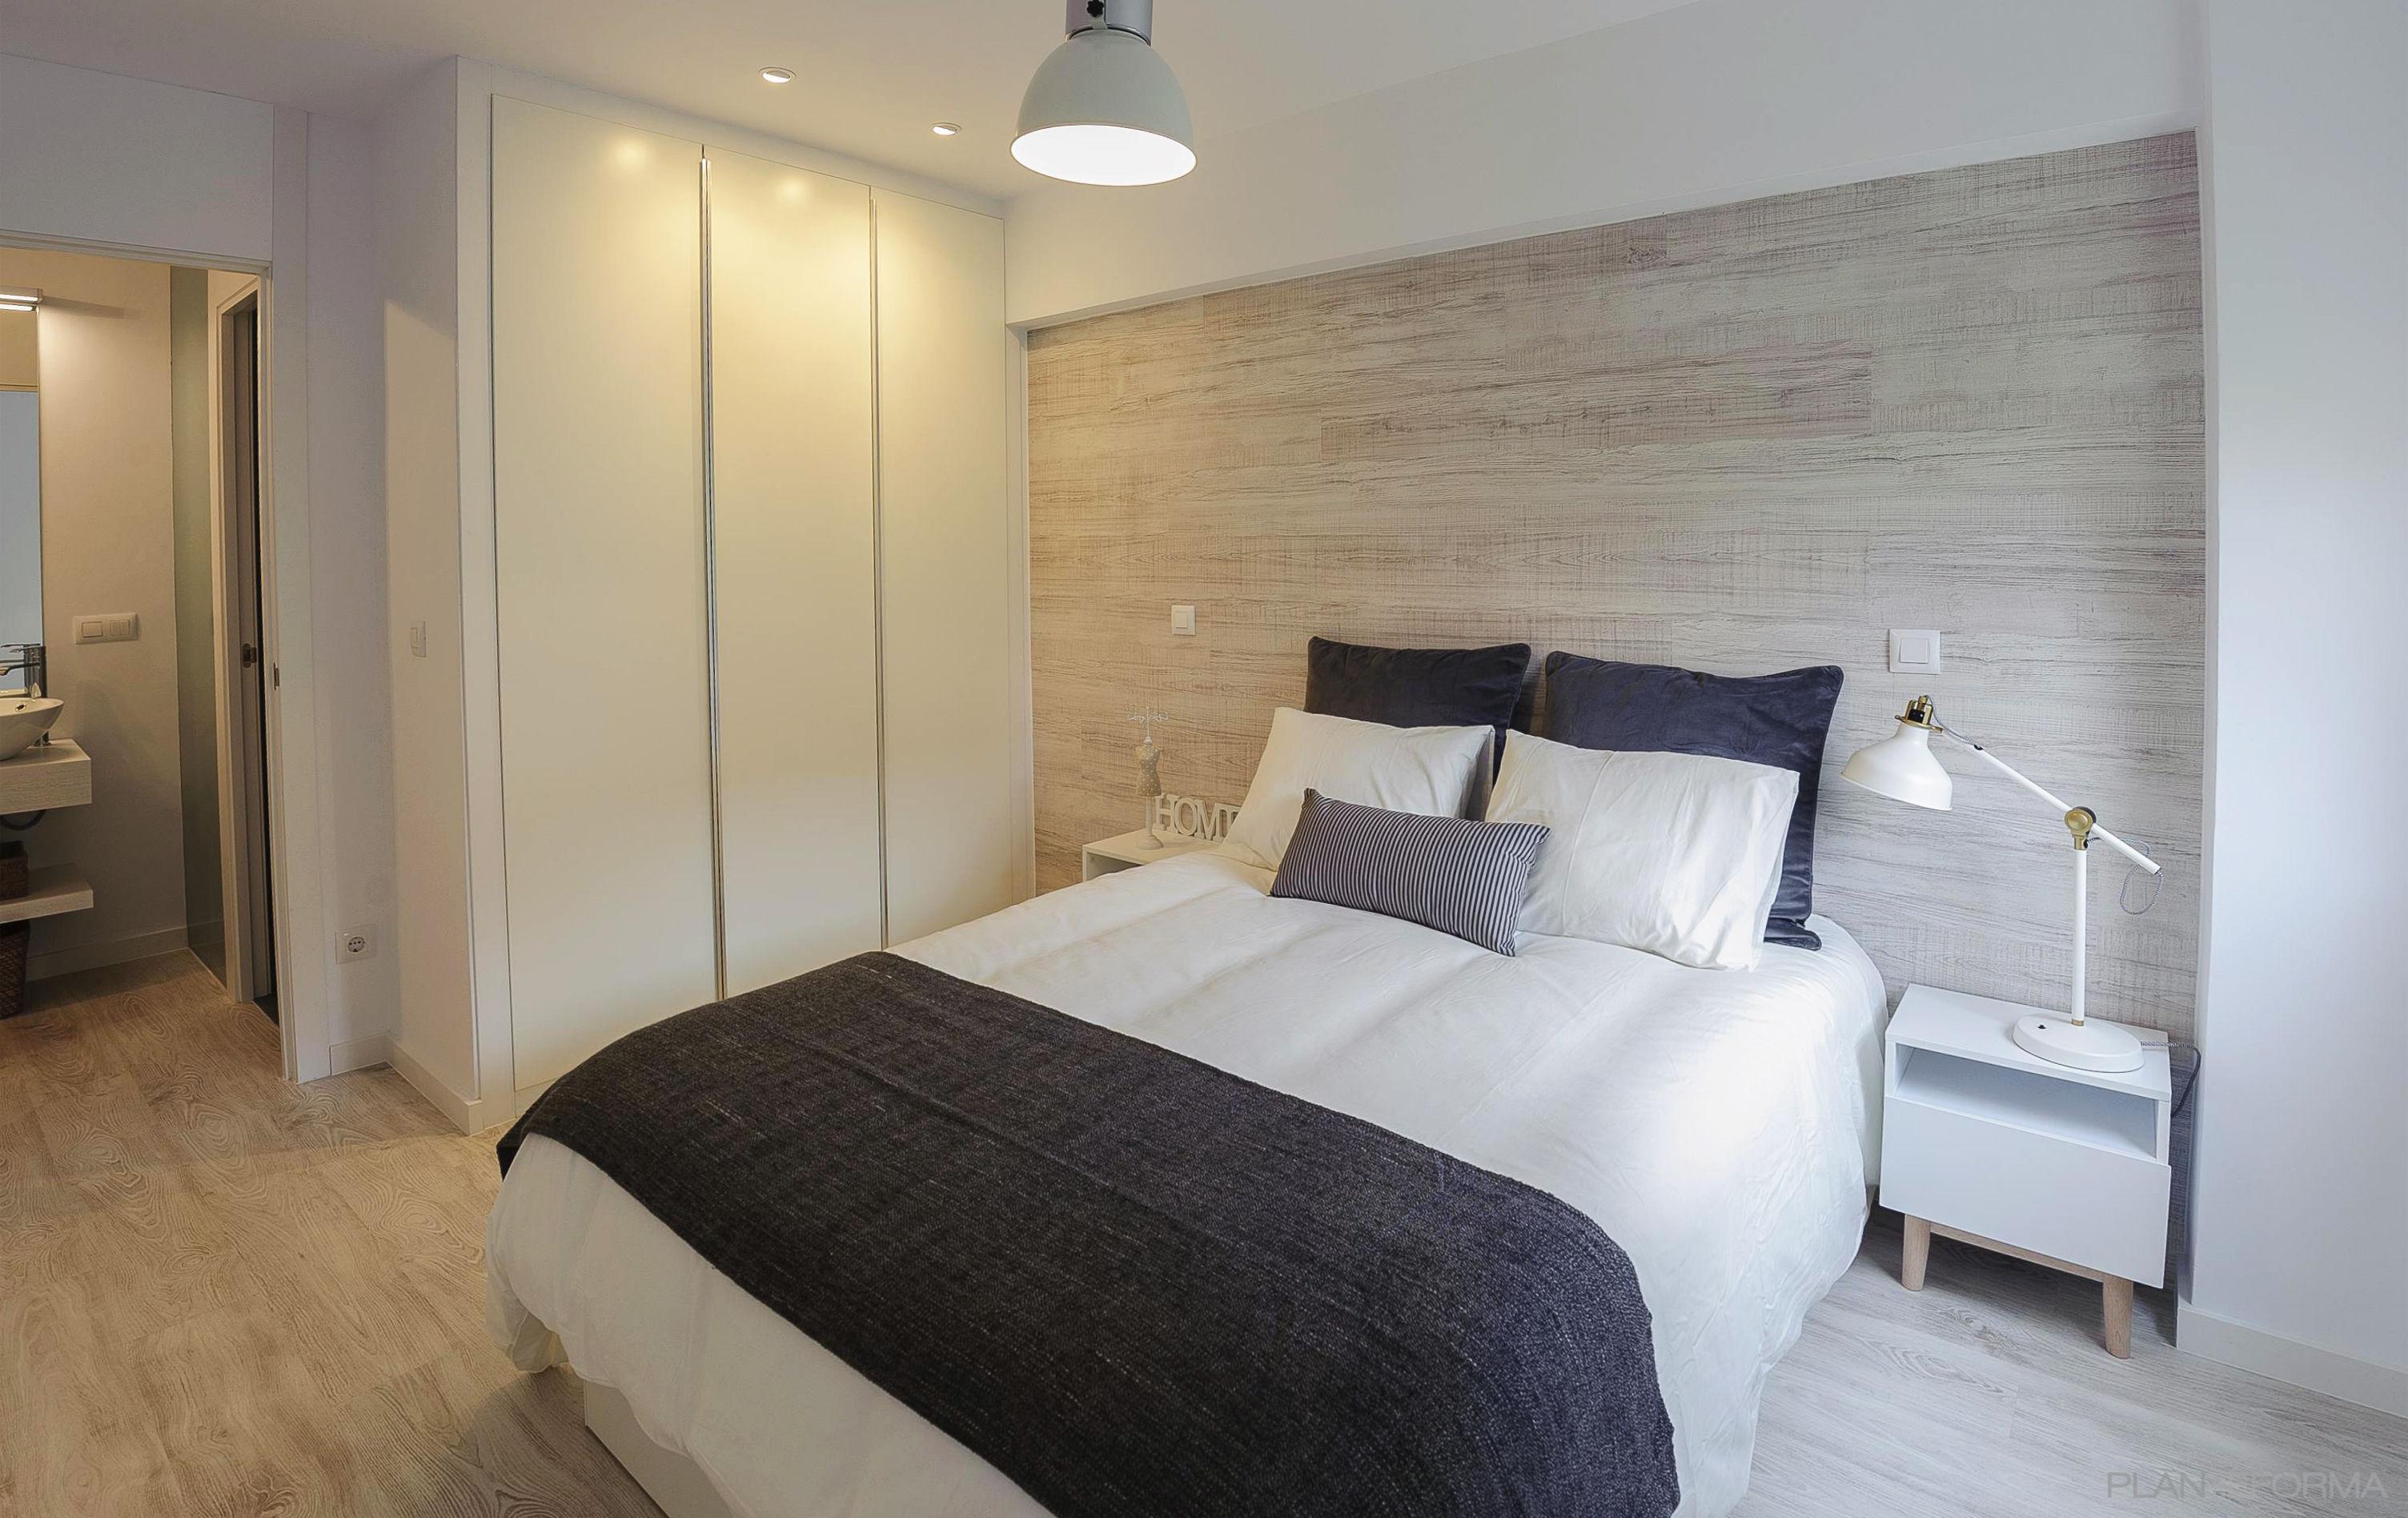 Ba o dormitorio pasillo estilo tradicional color beige - Dormitorio beige ...